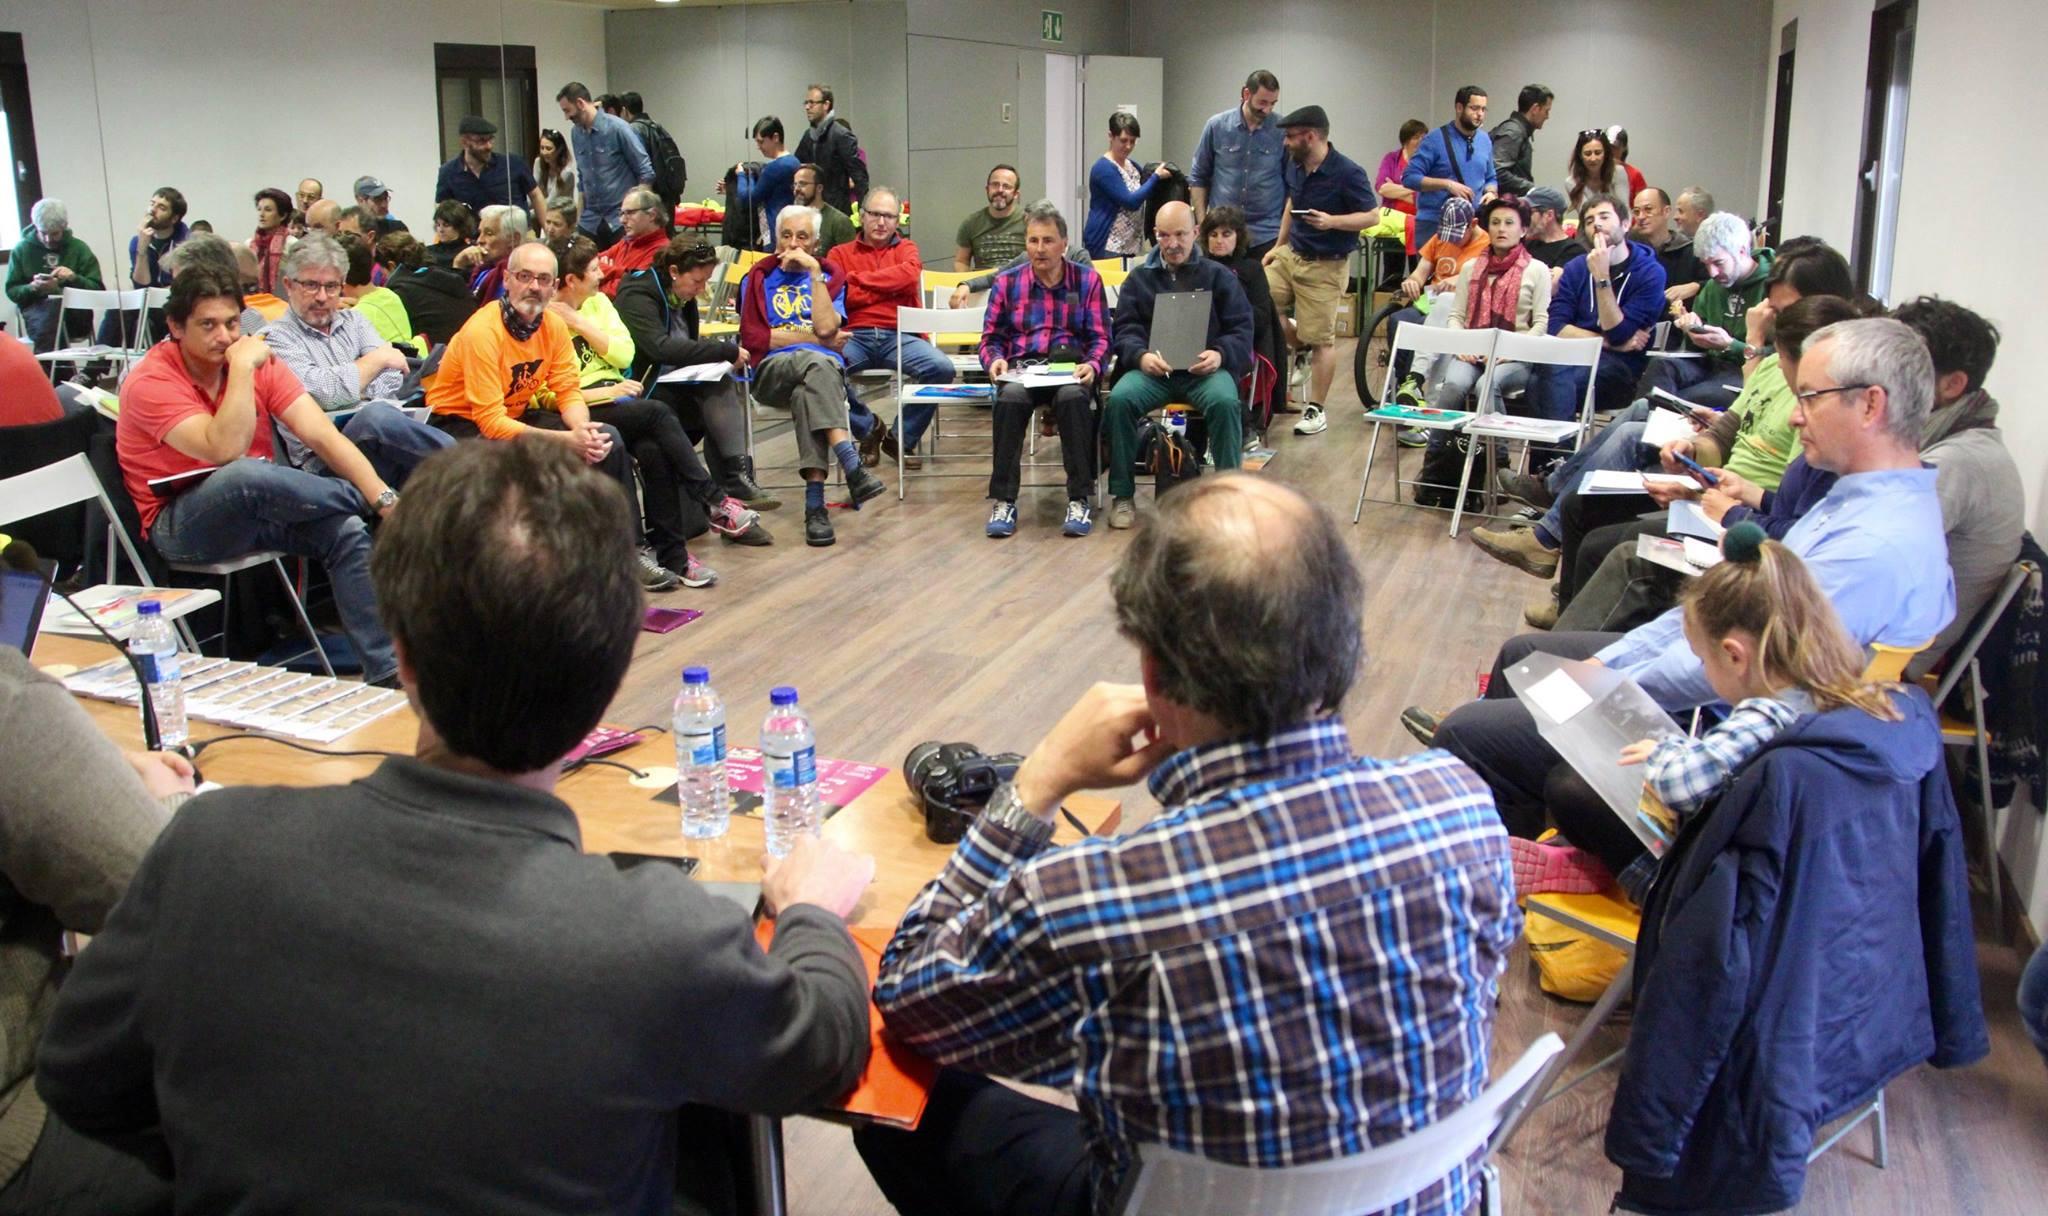 Sala de reuniones. Gente en círculo